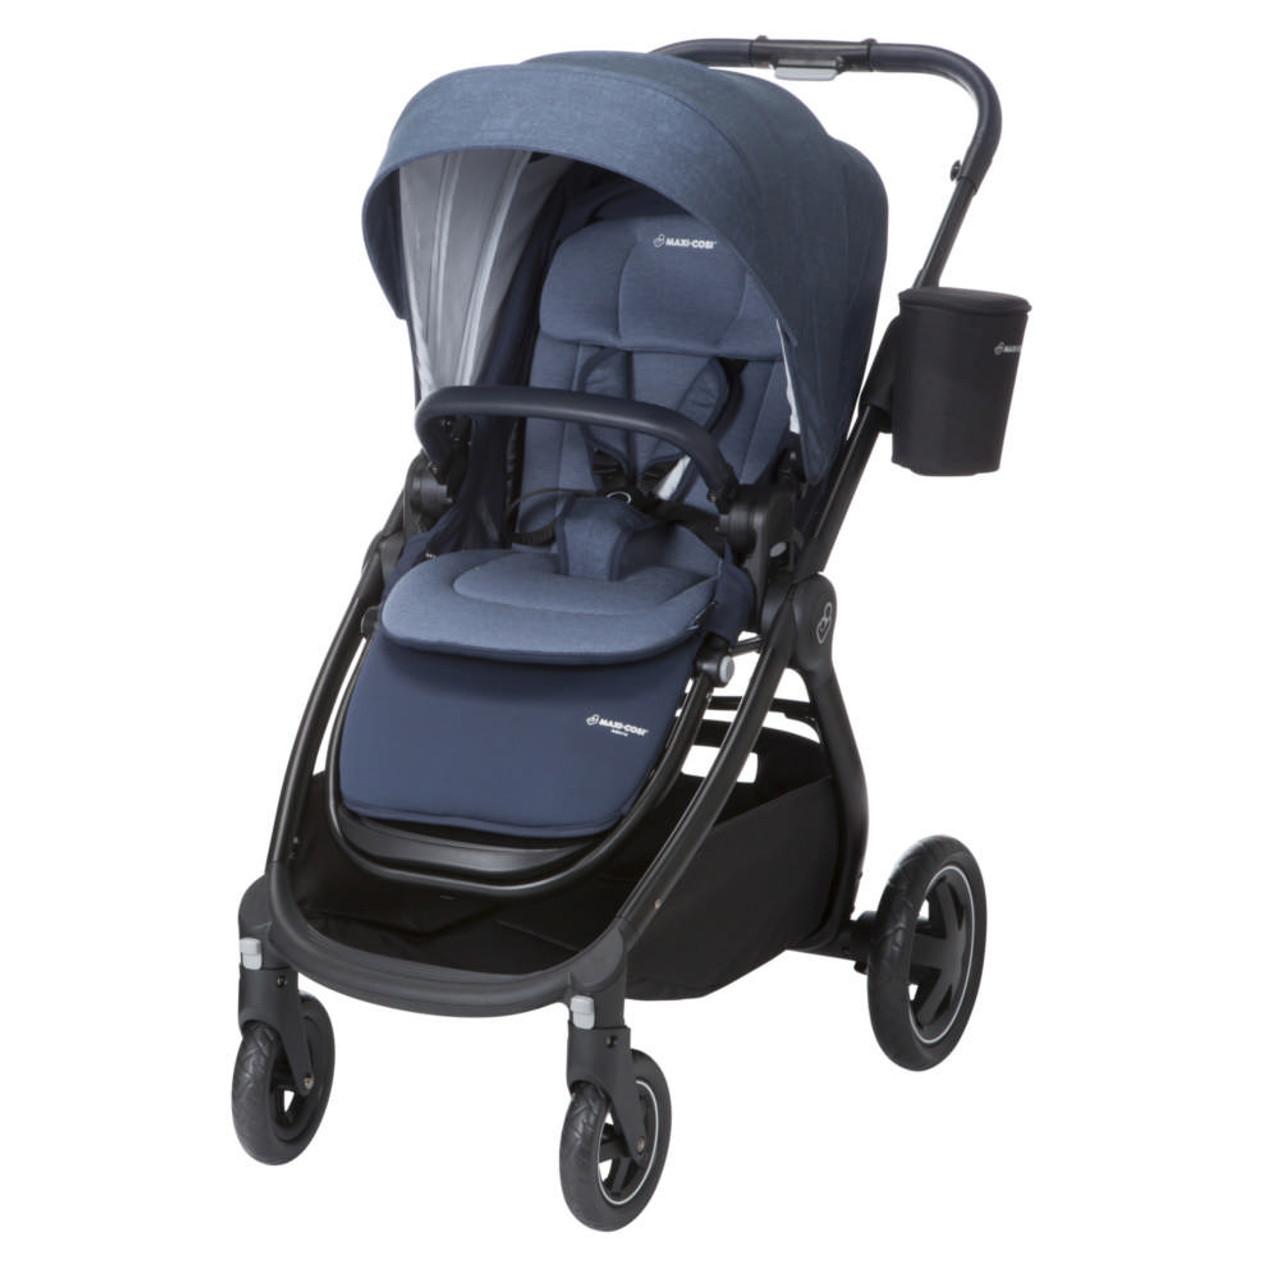 Maxi Cosi Adorra Single Stroller